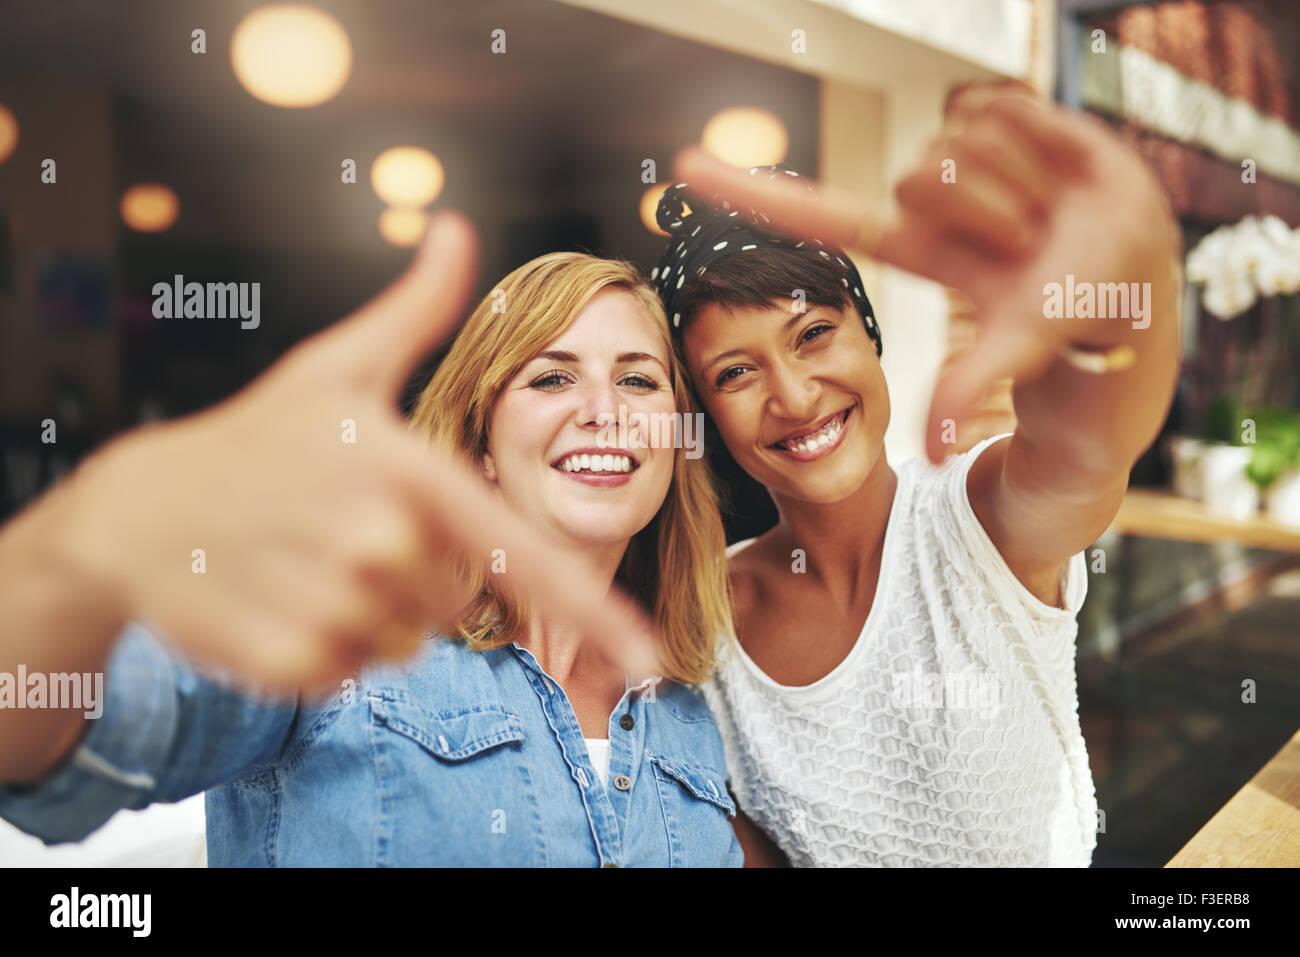 Temperamentvolle junge Frauen ihre Gesichter mit einem Finger-Rahmen in einer lustigen kreative Gestaltung Geste, Stockbild